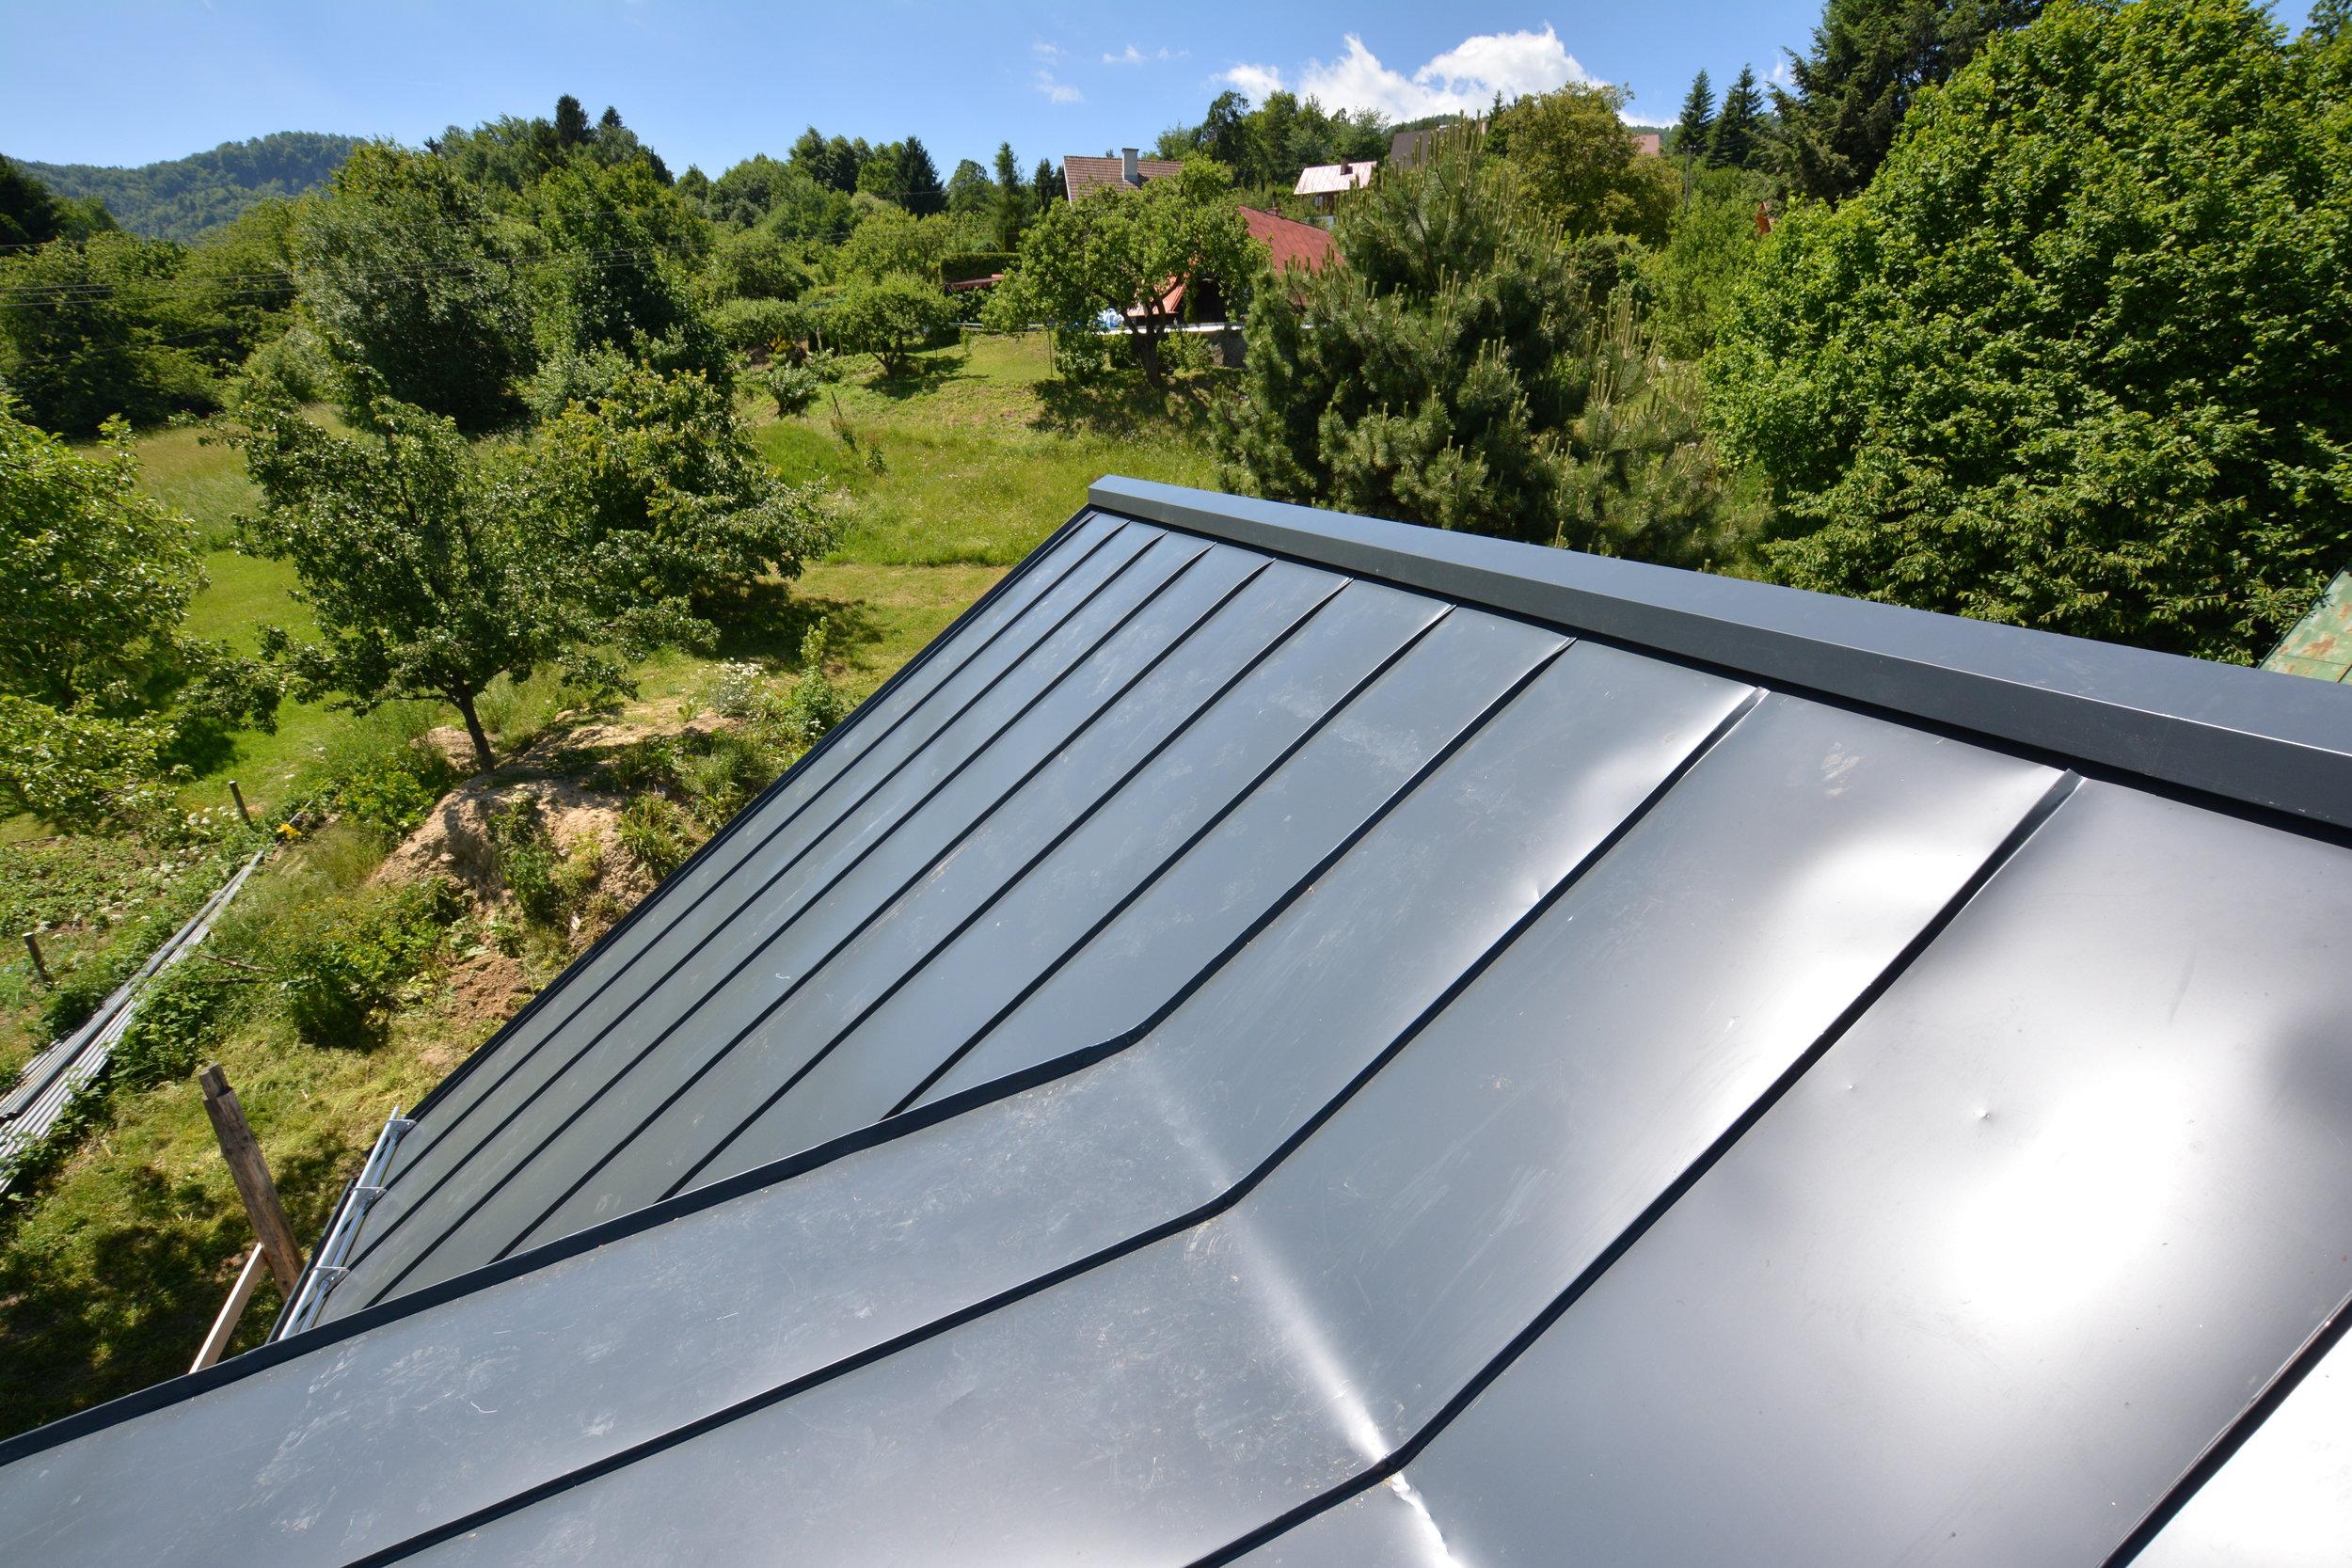 Odvetranie strechy je zabezpečené cez hrebeň, ktorý pôsobí subtílne na streche a tvorí zaujímavý prvok v danej oblasti